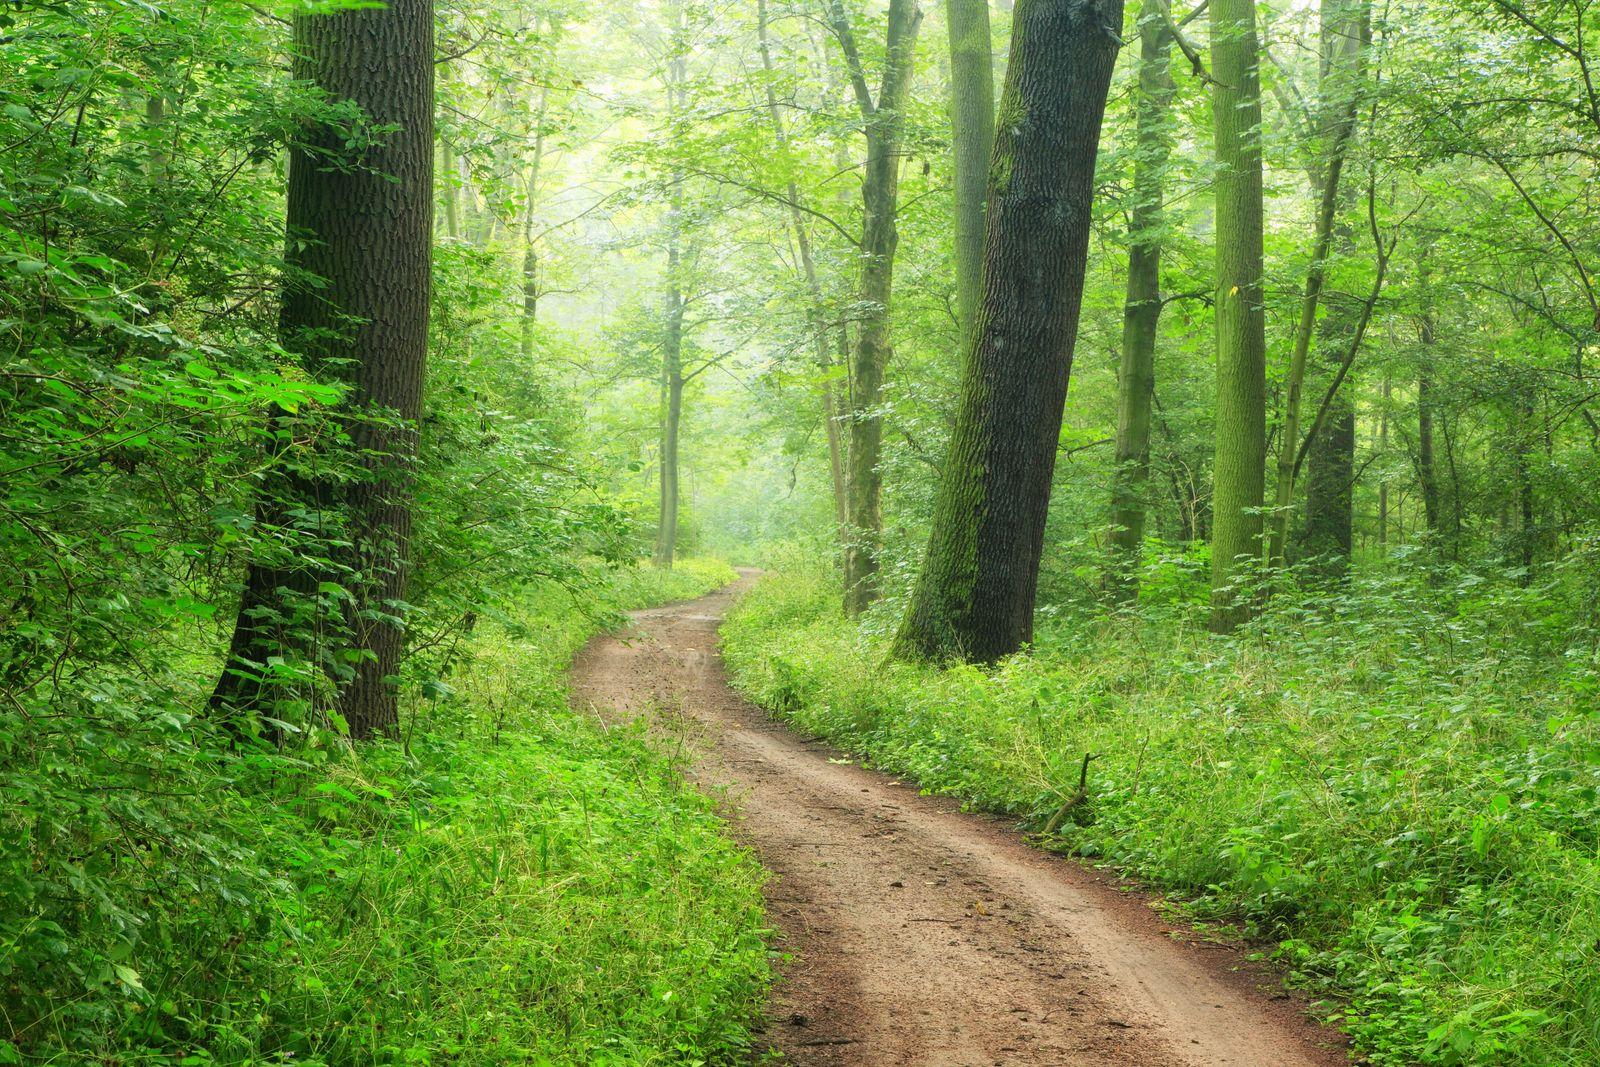 Wanderweg windet sich durch naturnahen dichten Auenwald an der Saale, bei Plötzkau, Sachsen-Anhalt, Deutschland *** Hiki